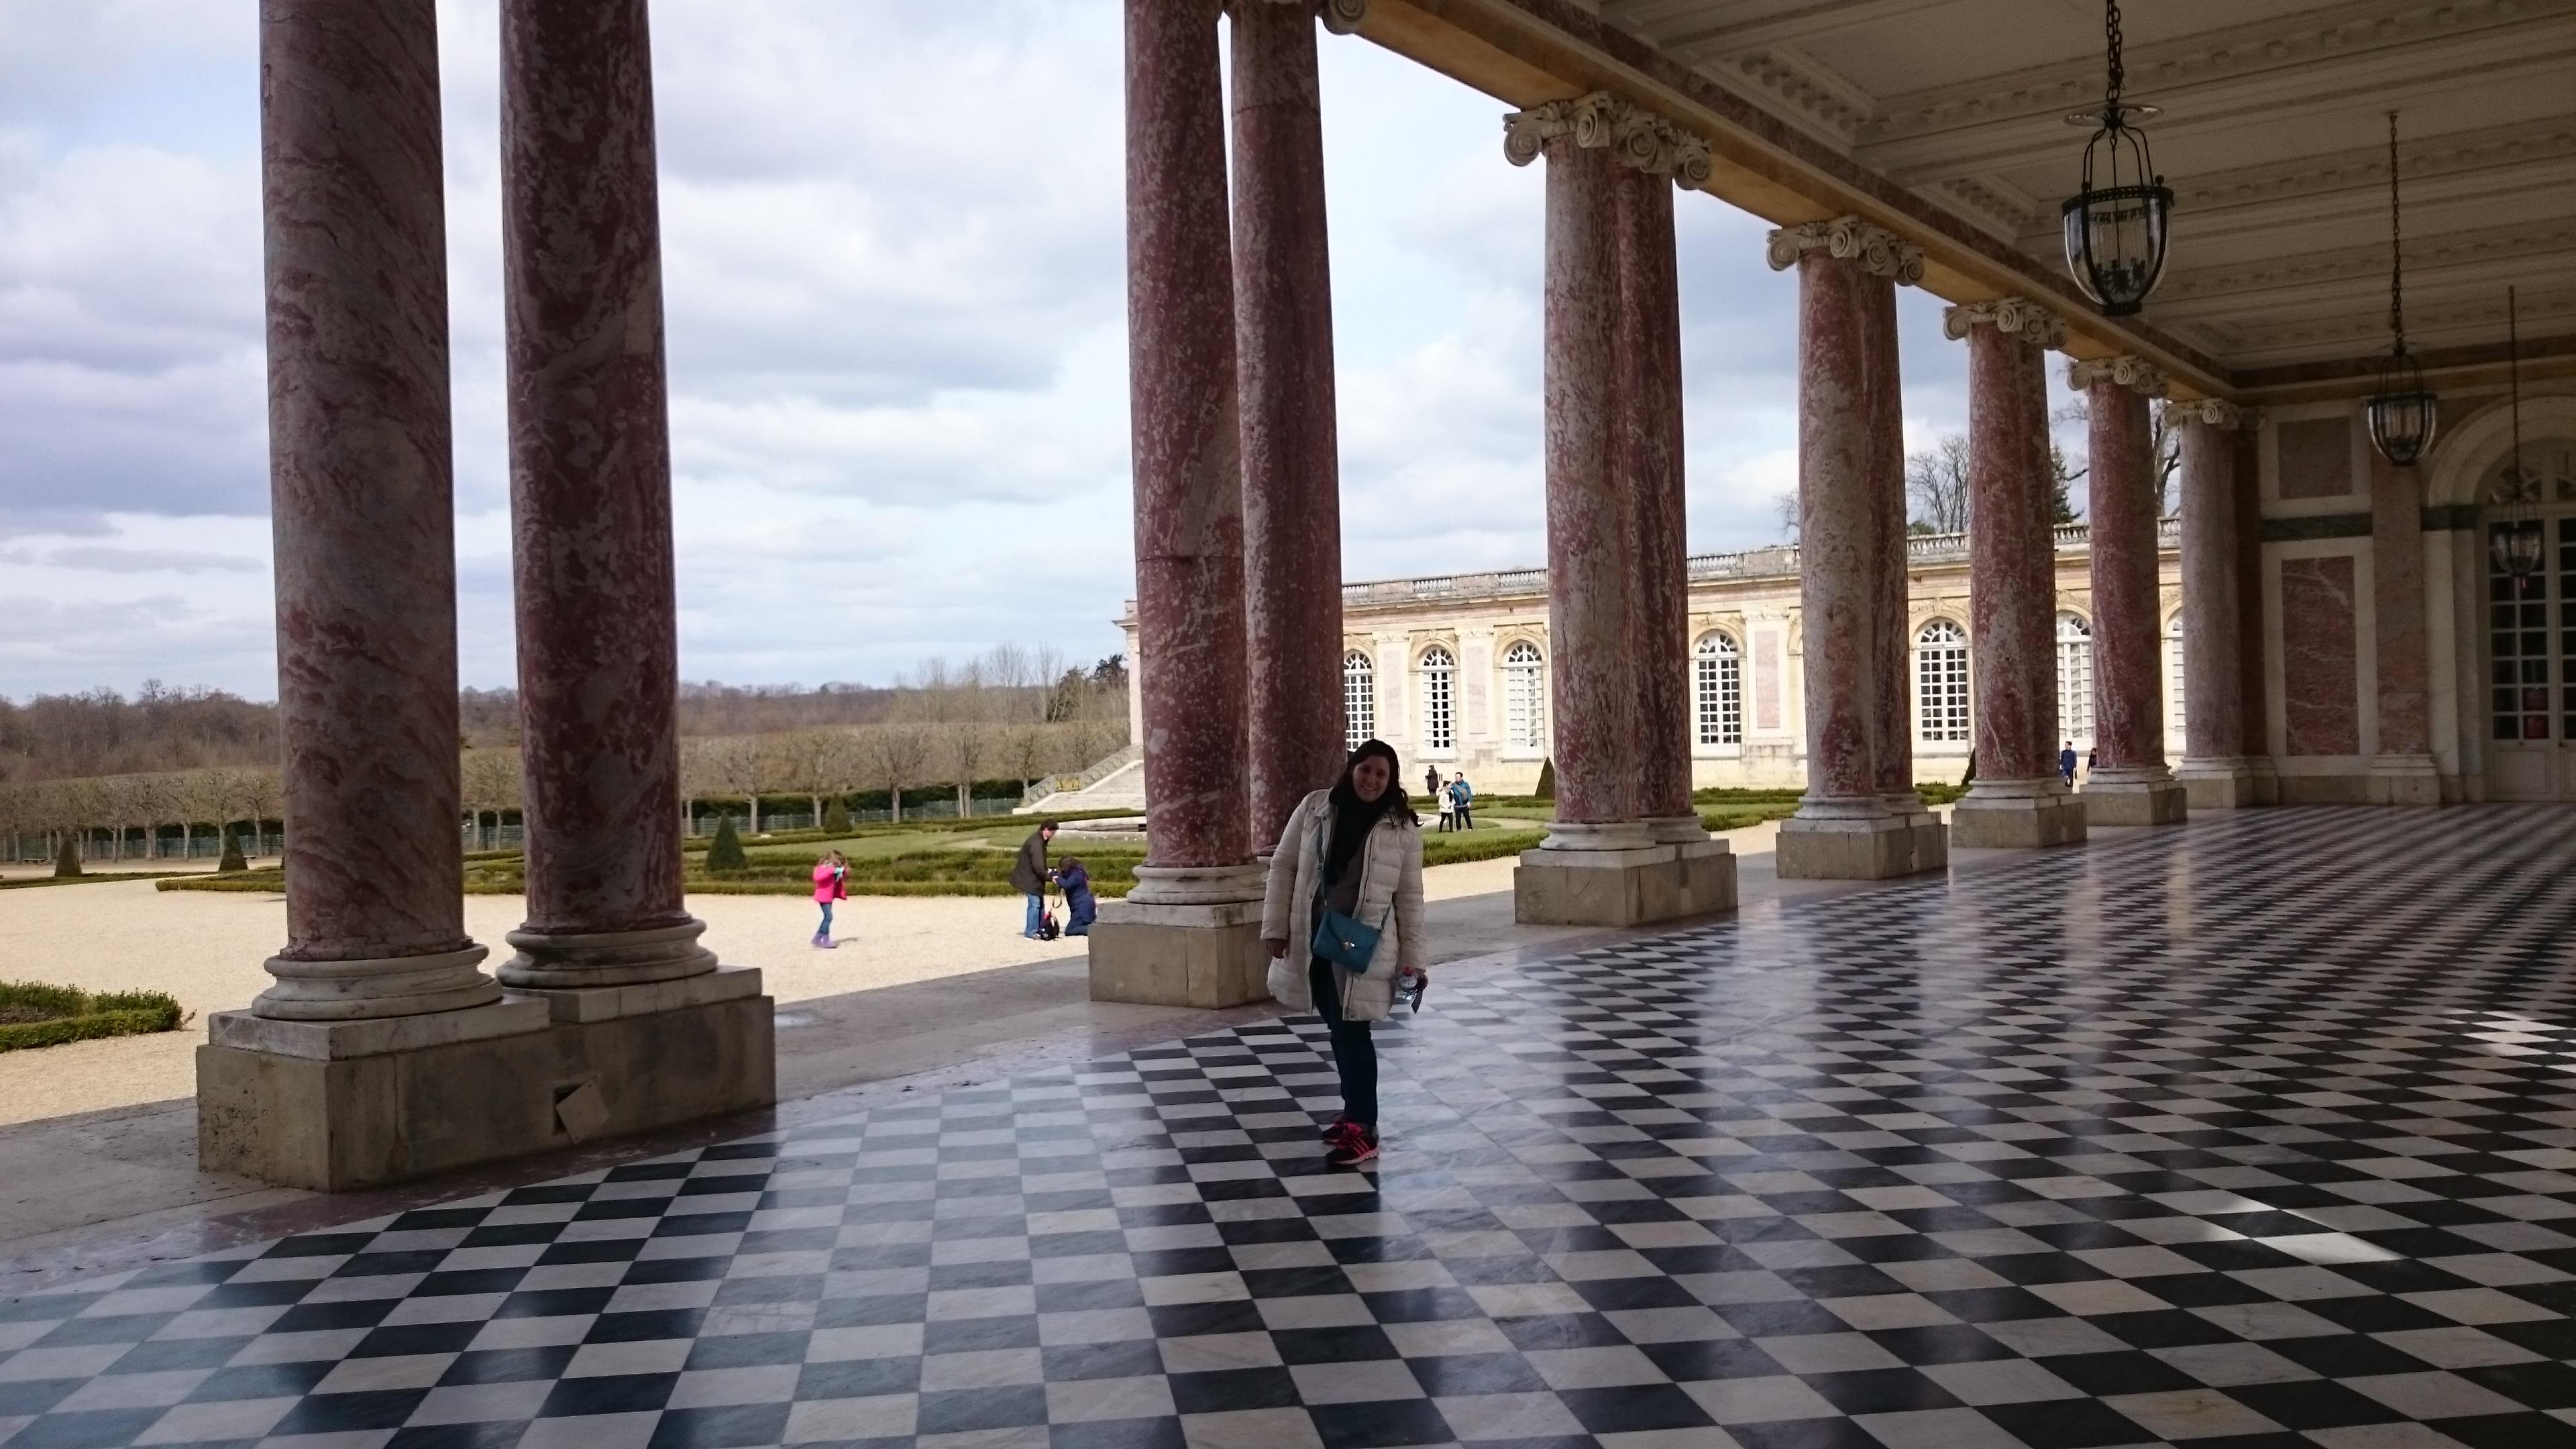 dsc 1209 - Visita al Palacio de Versalles: Como ir, cuanto cuesta y tips II/III